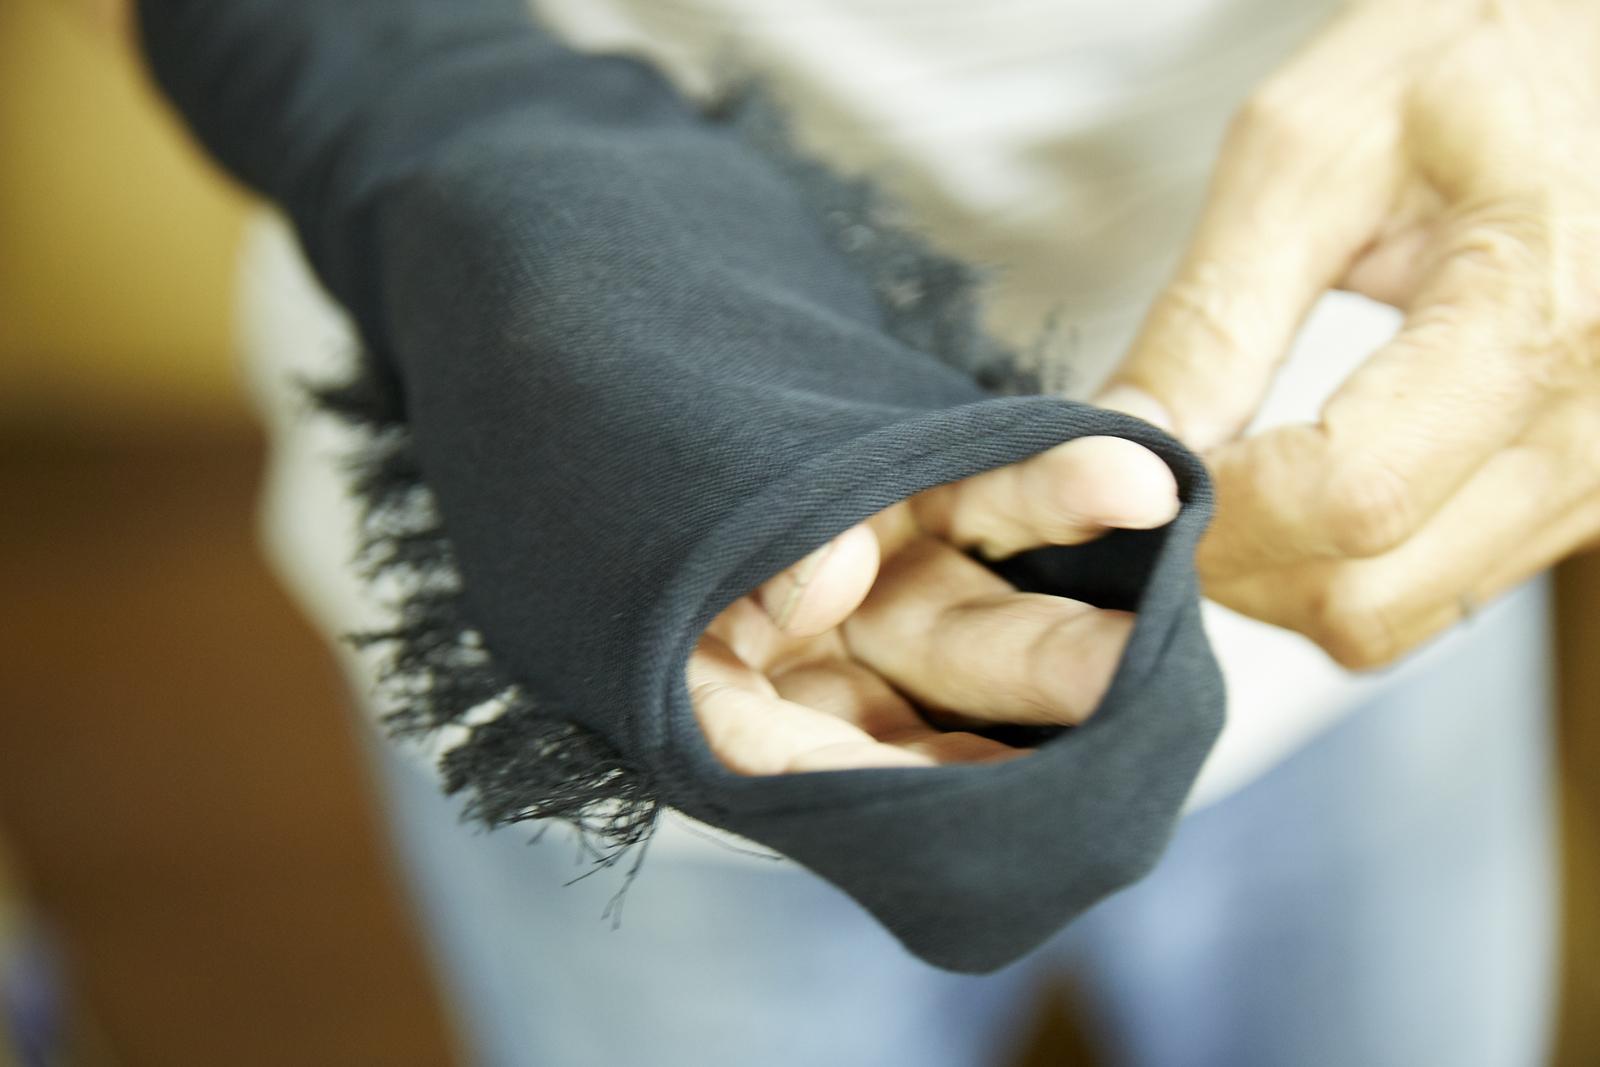 できたてほやほや。靴下は裏の状態で編み立てられているのですね。